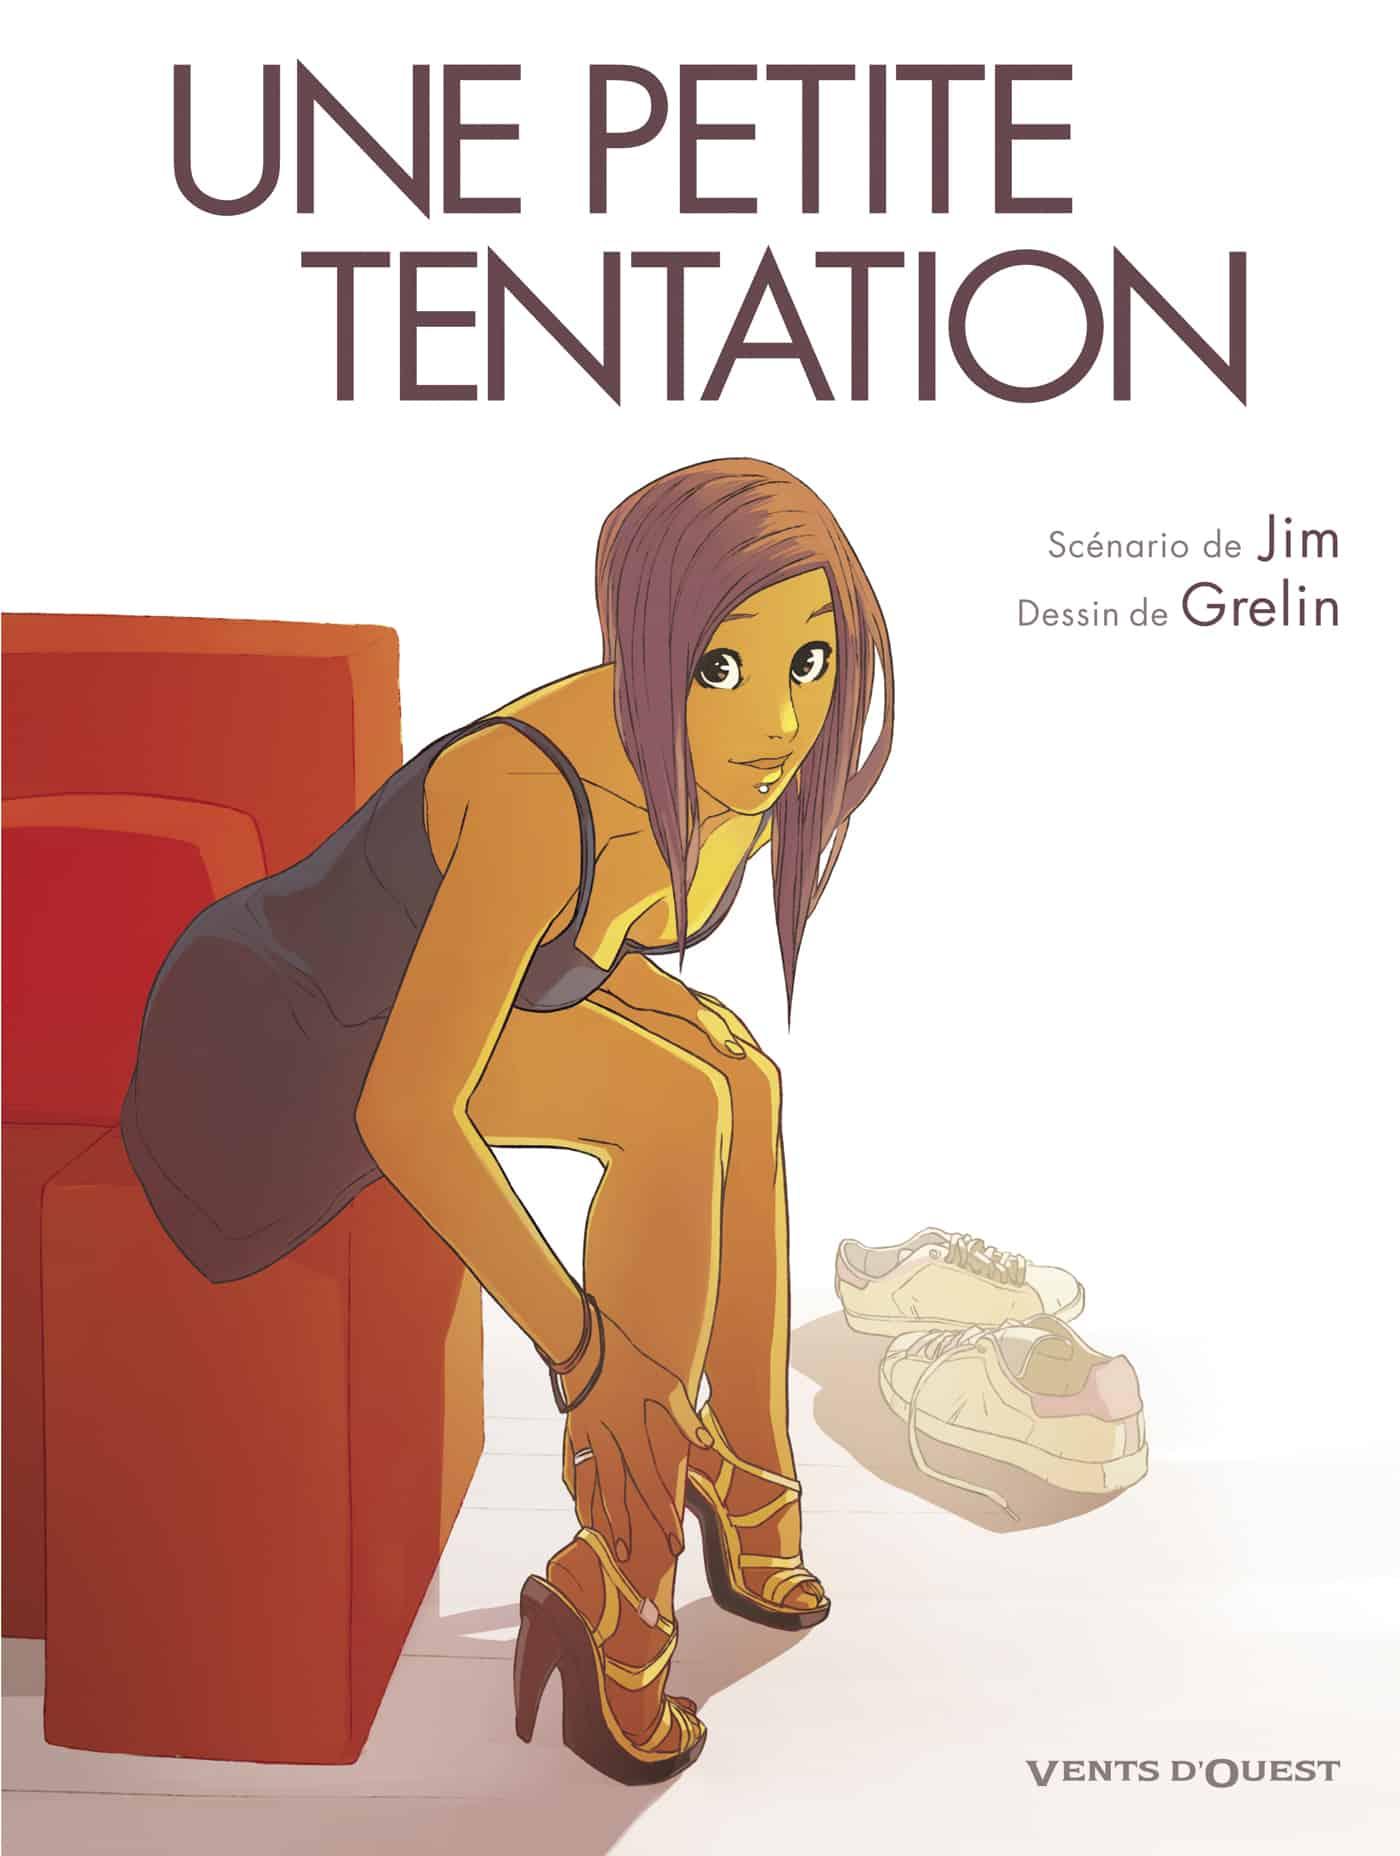 Une Petite tentation : Jim et Grelin, infidélité et séduction programmée